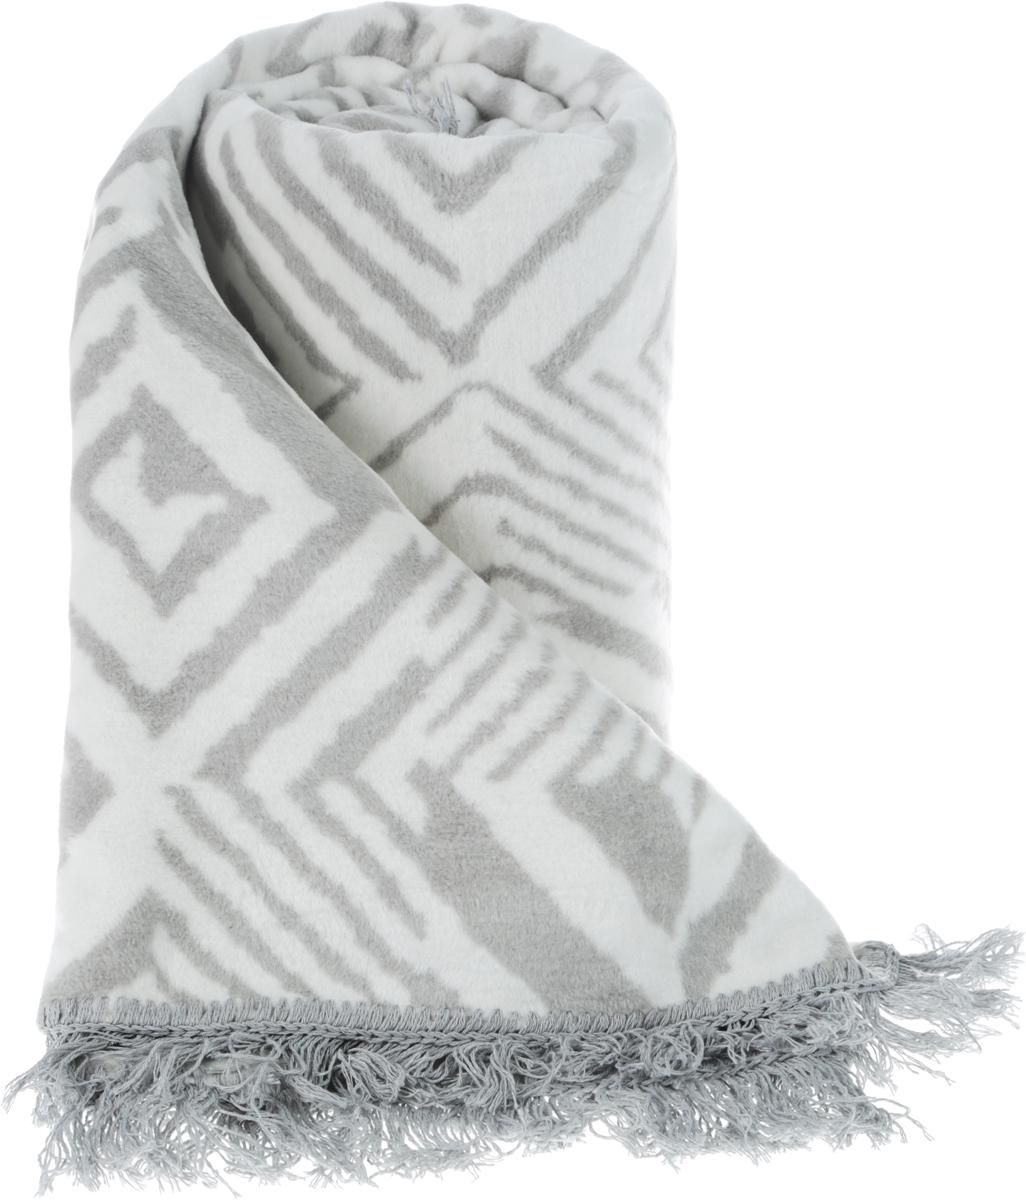 """Плед с орнаментом Arya """"Sammy"""", выполненный из хлопковой байки (хлопок с добавлением акрила и полиэстера), порадует вас легкостью,  нежностью и оригинальным дизайном.   Байка - мягкая ткань с густым начёсом с двух сторон. Традиционно из хлопковой байки делают детские одеяла, которые можно стирать и  гладить при высокой температуре. После первой стирки ворс на байке немного"""